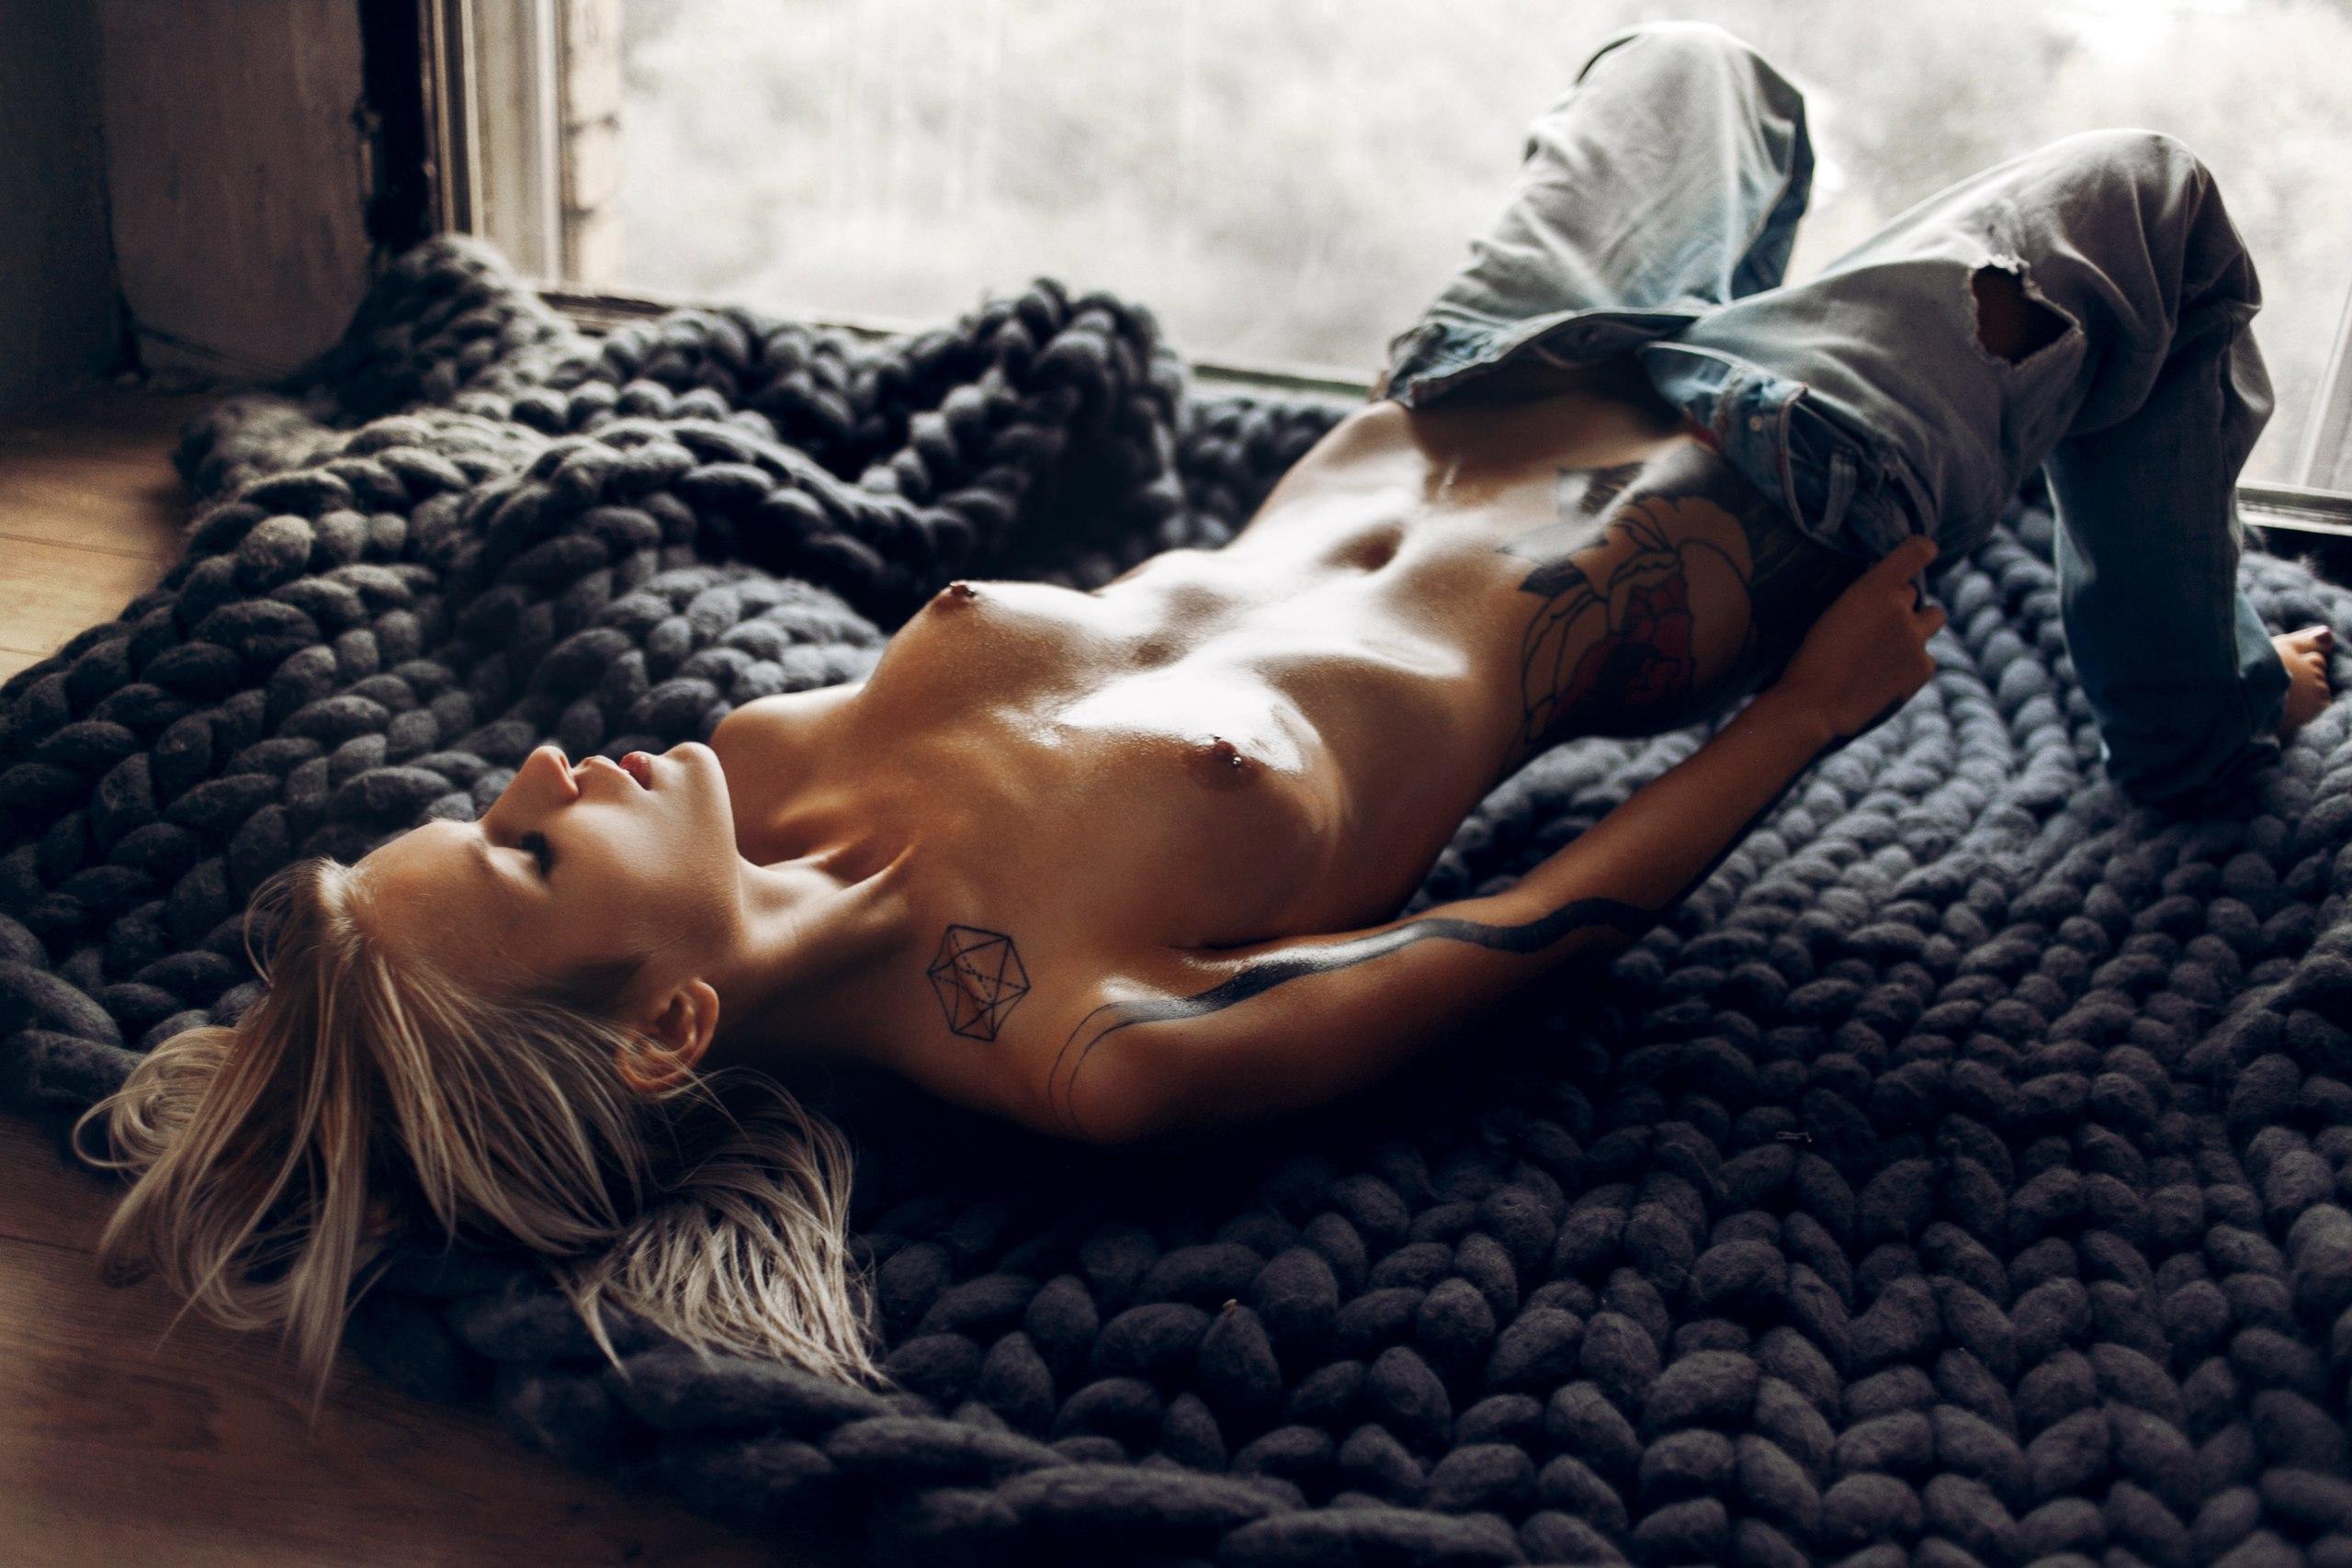 Viktoria Tche - Evgeny Potanin photoshoot